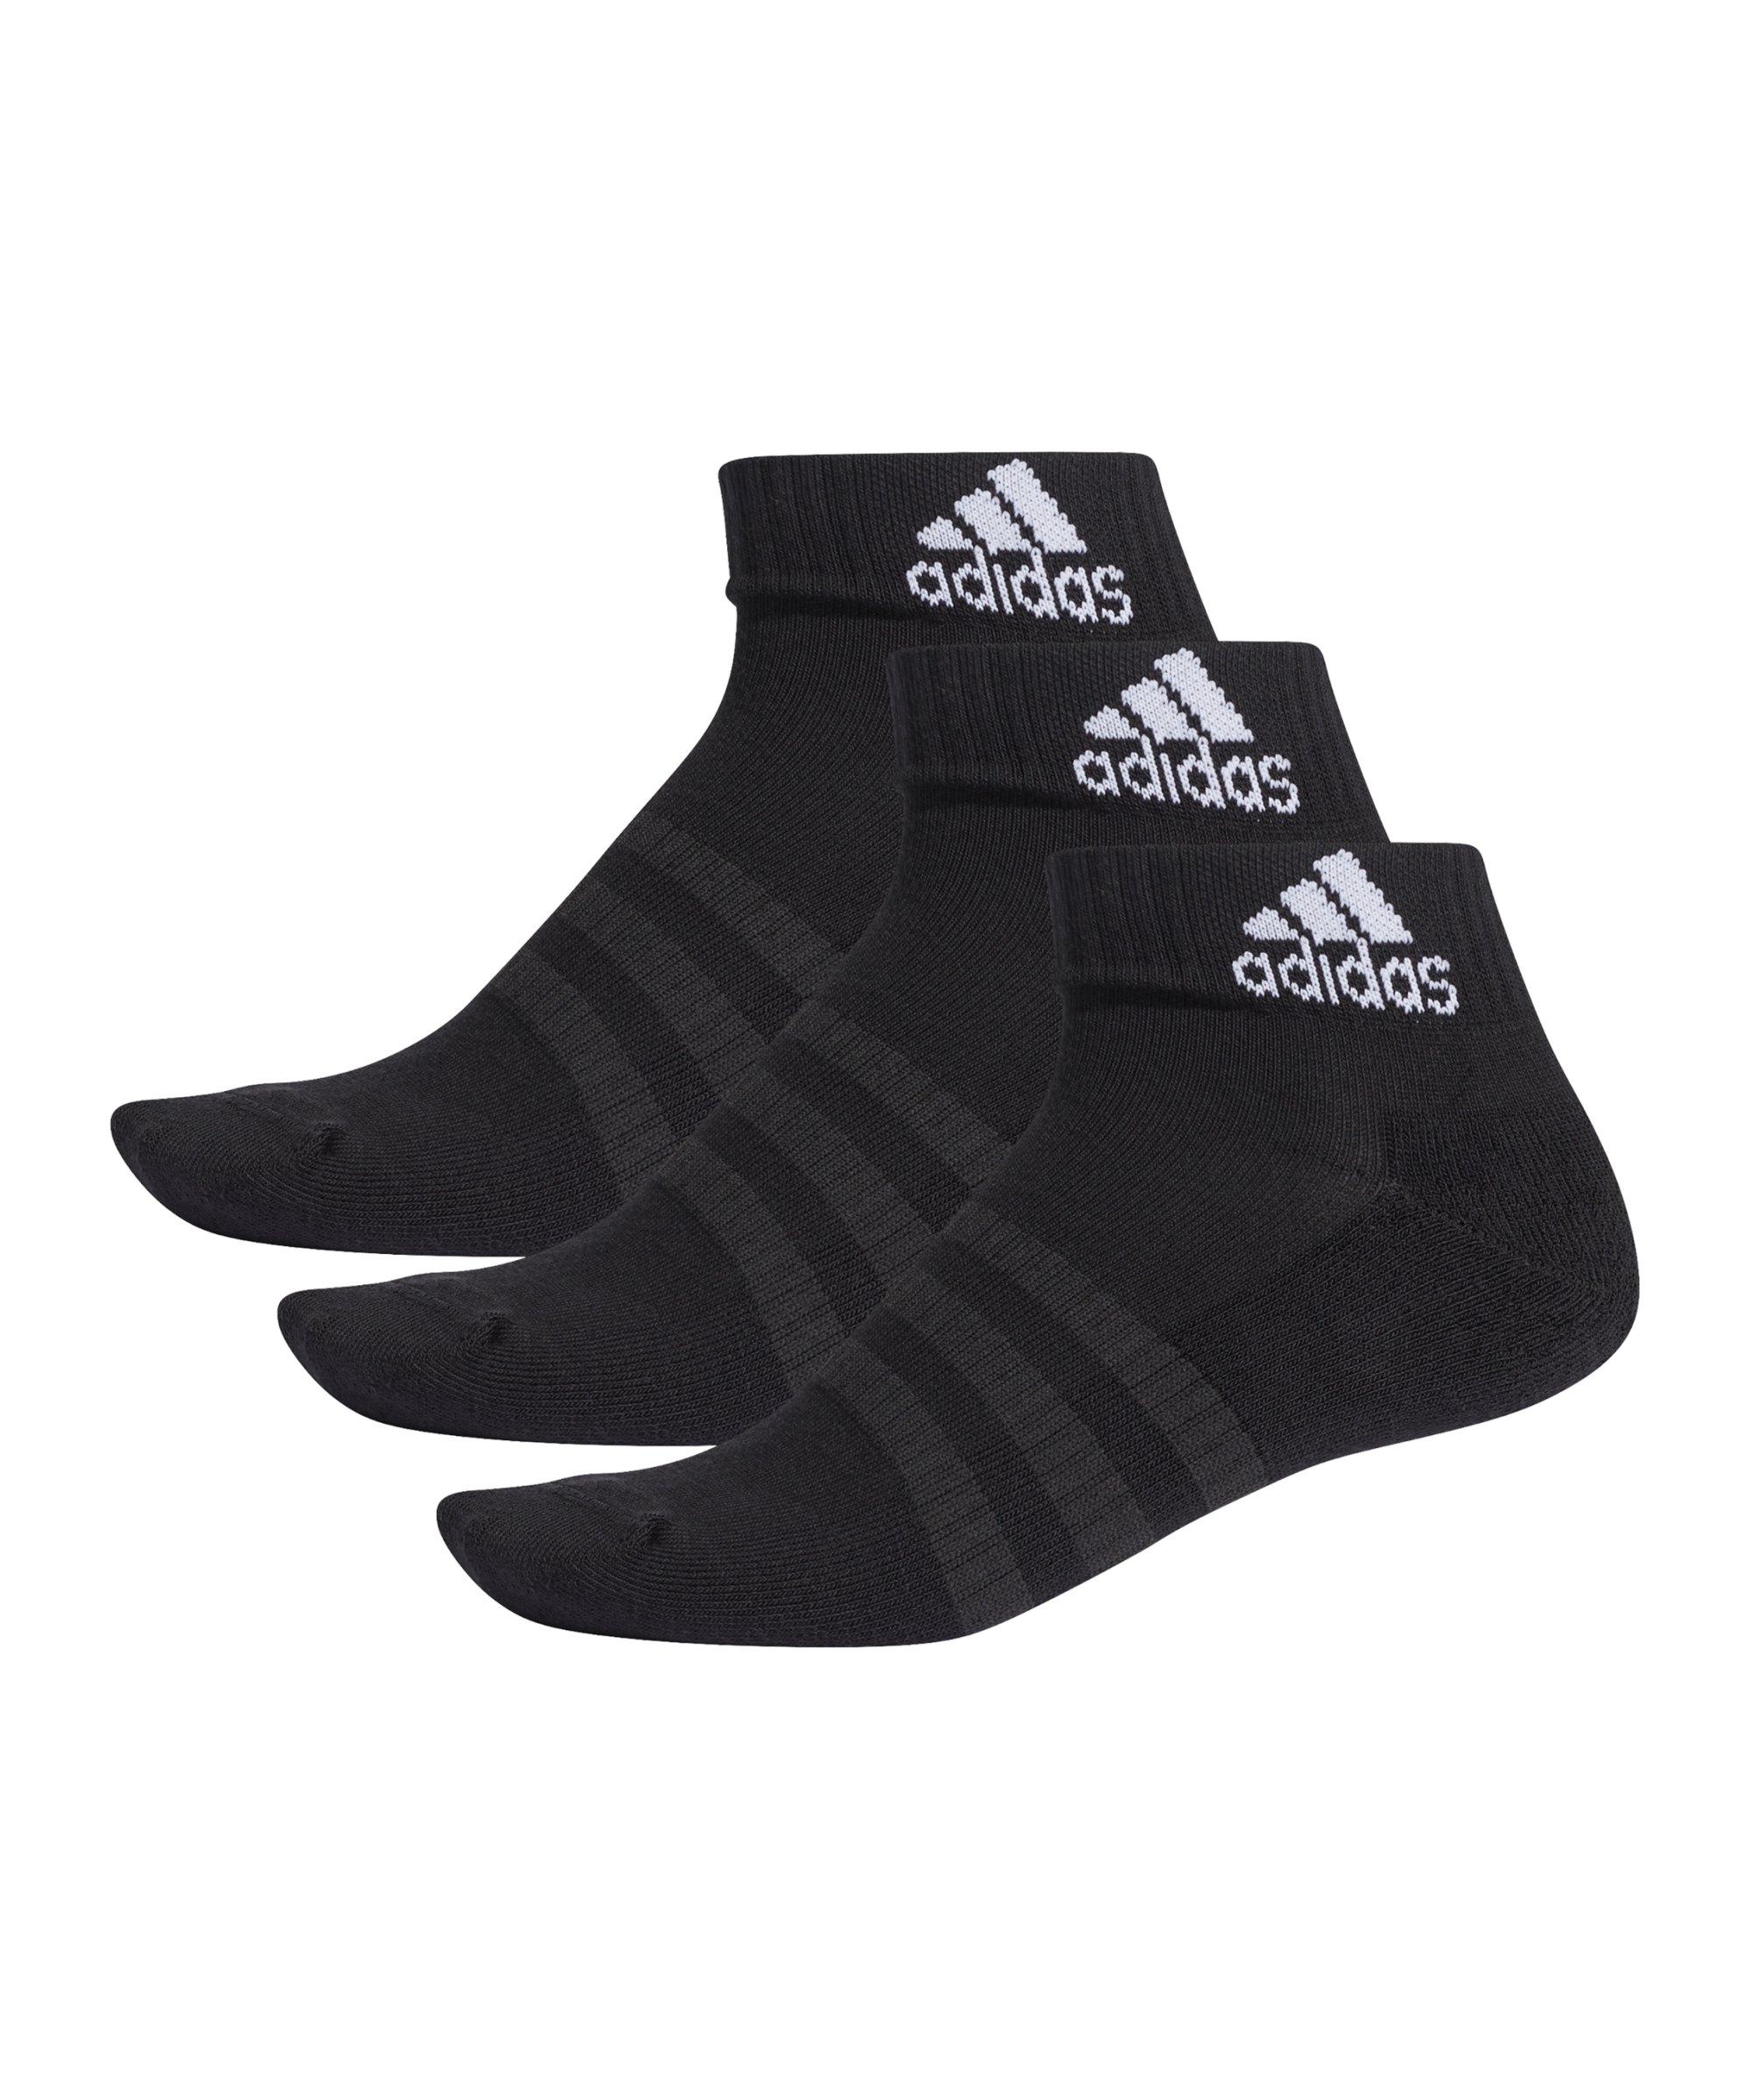 adidas Ankle Socken 3er Pack Schwarz - schwarz